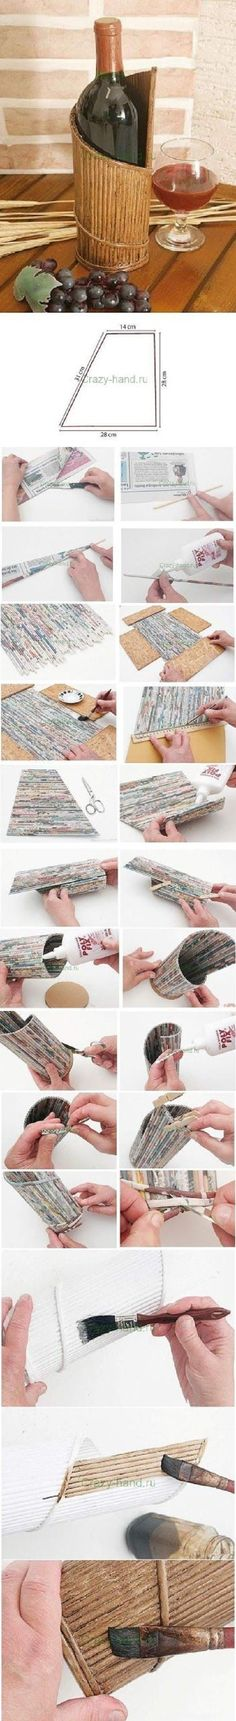 9 idei pentru a confectiona obiecte decorative din ziare E nevoie de putina indemanare pentru a iesi ceva deosebit. La cat sunt de reusite nu ne mai supara nici faptul ca ne murdarim pe maini. Obiecte decorative: http://ideipentrucasa.ro/9-idei-pentru-a-confectiona-obiecte-decorative-din-ziare/